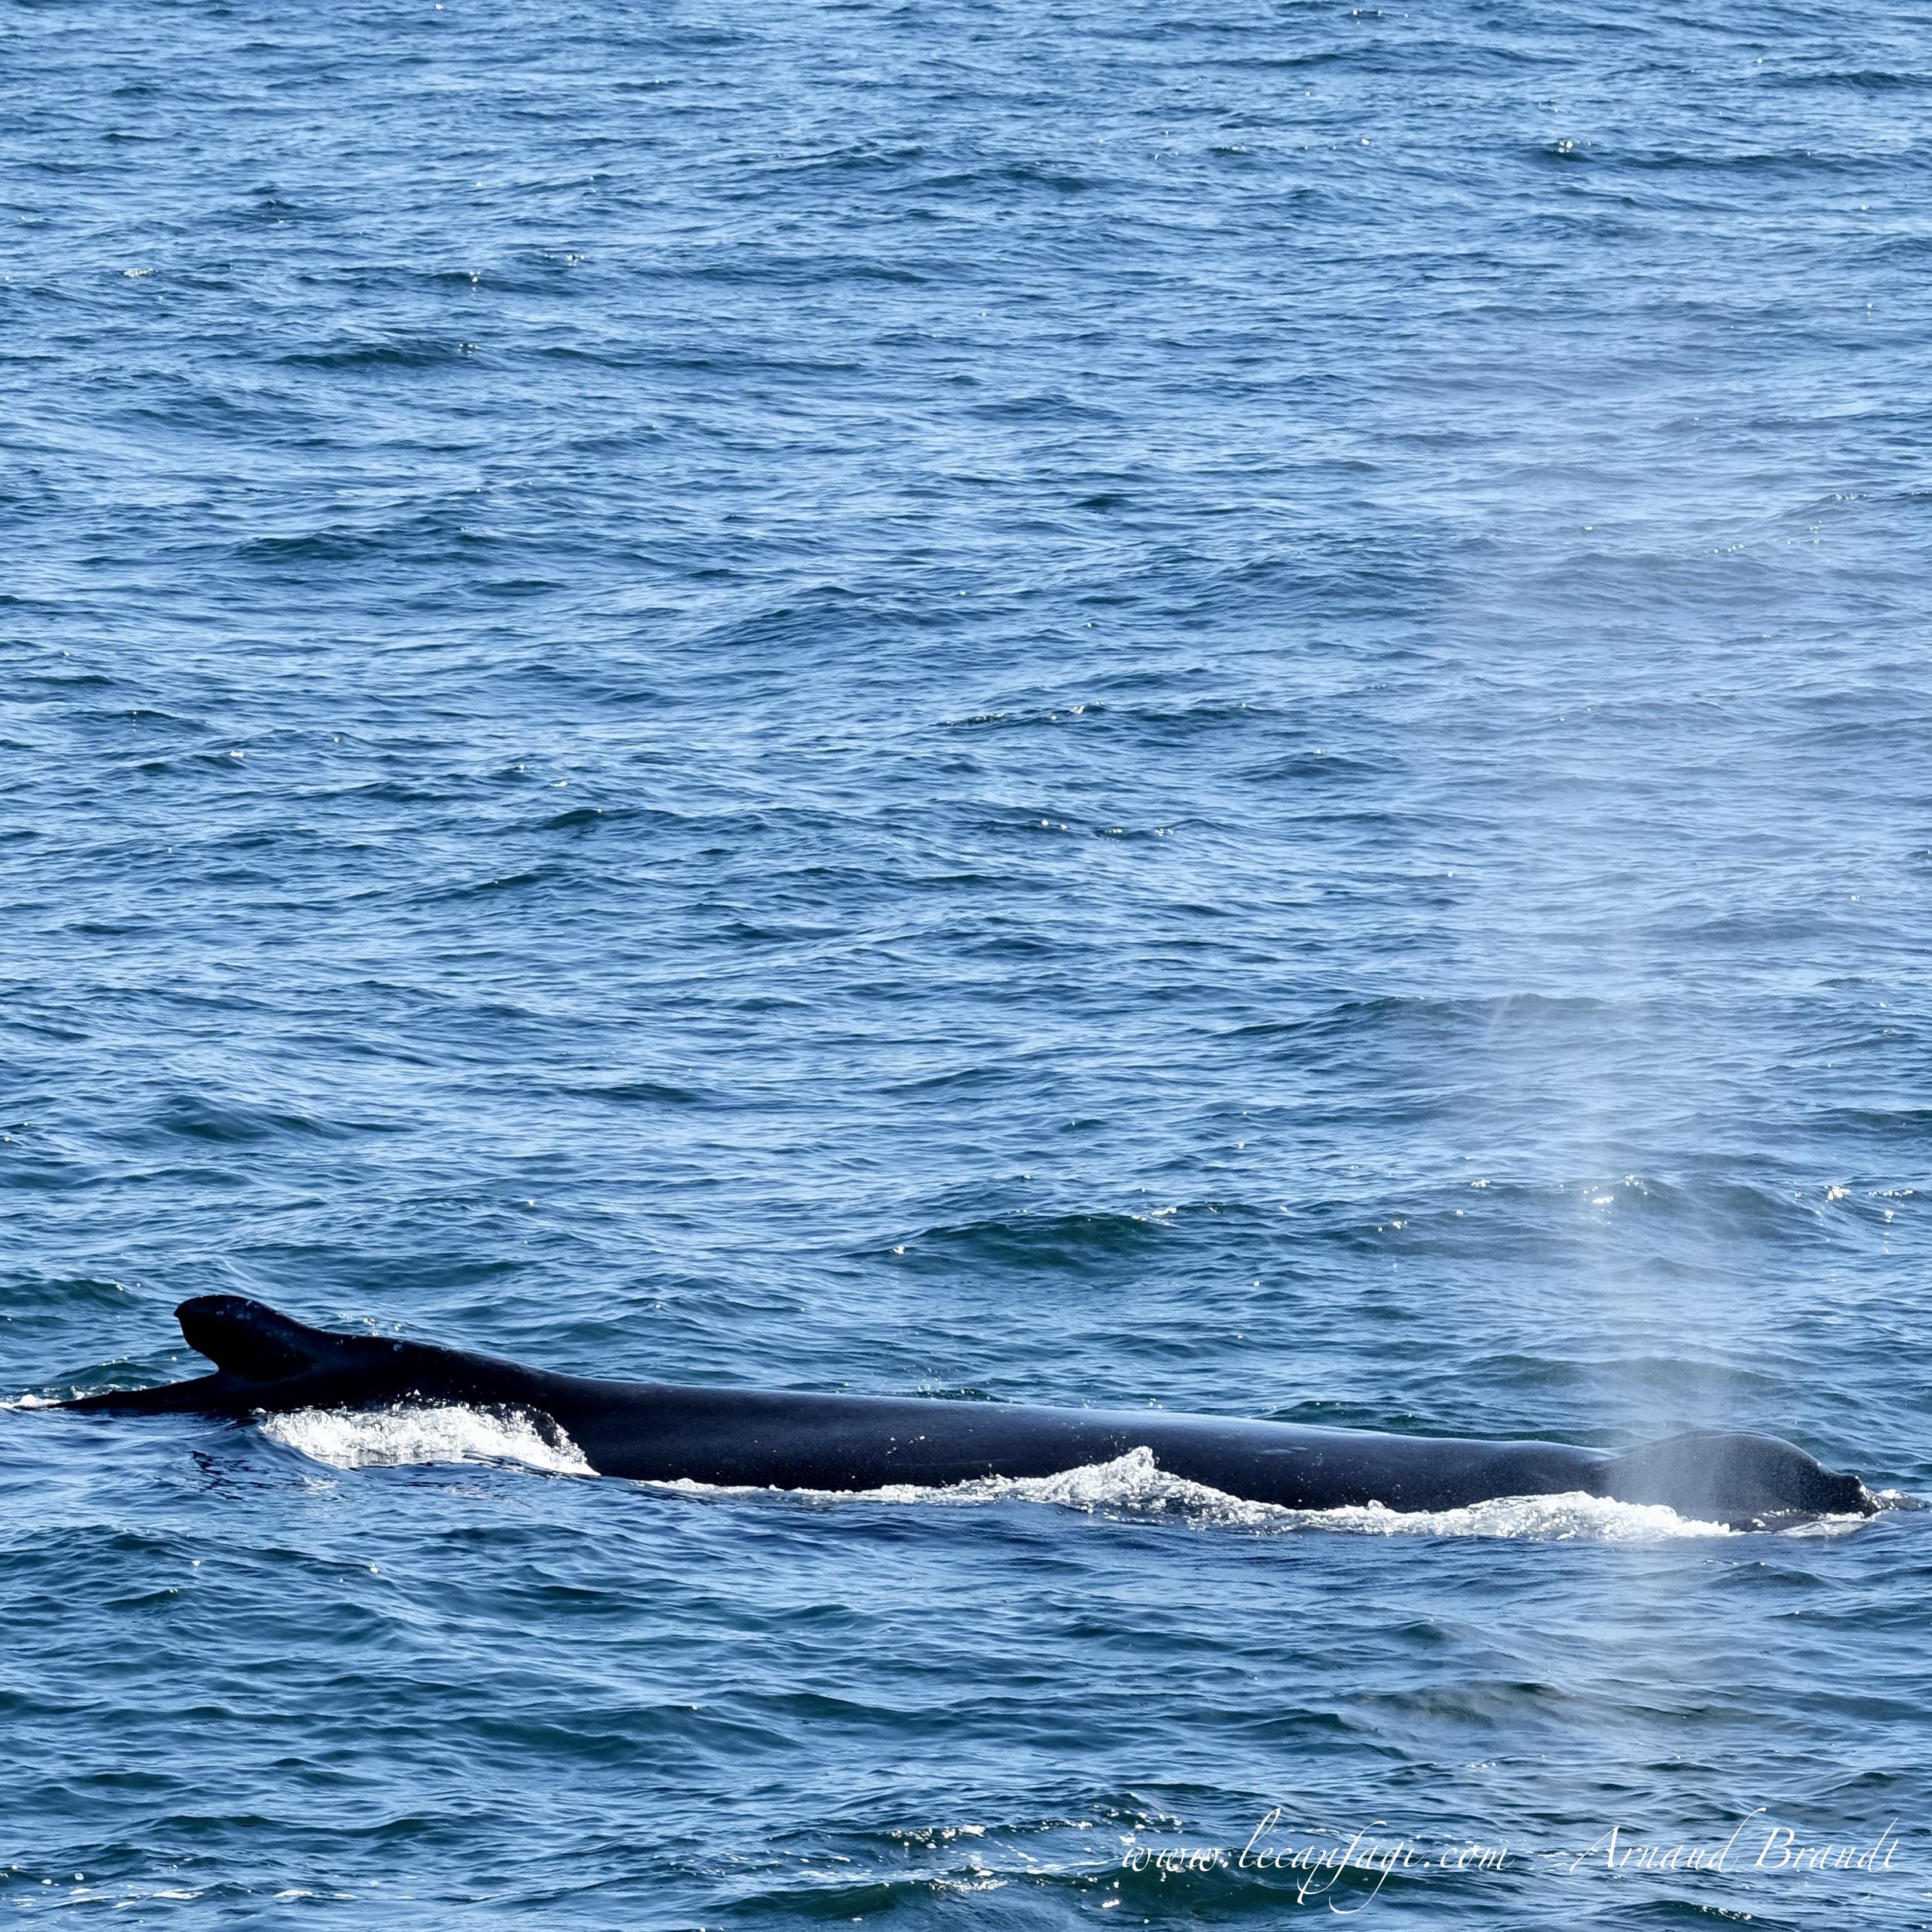 Boston - Hunchback Whale